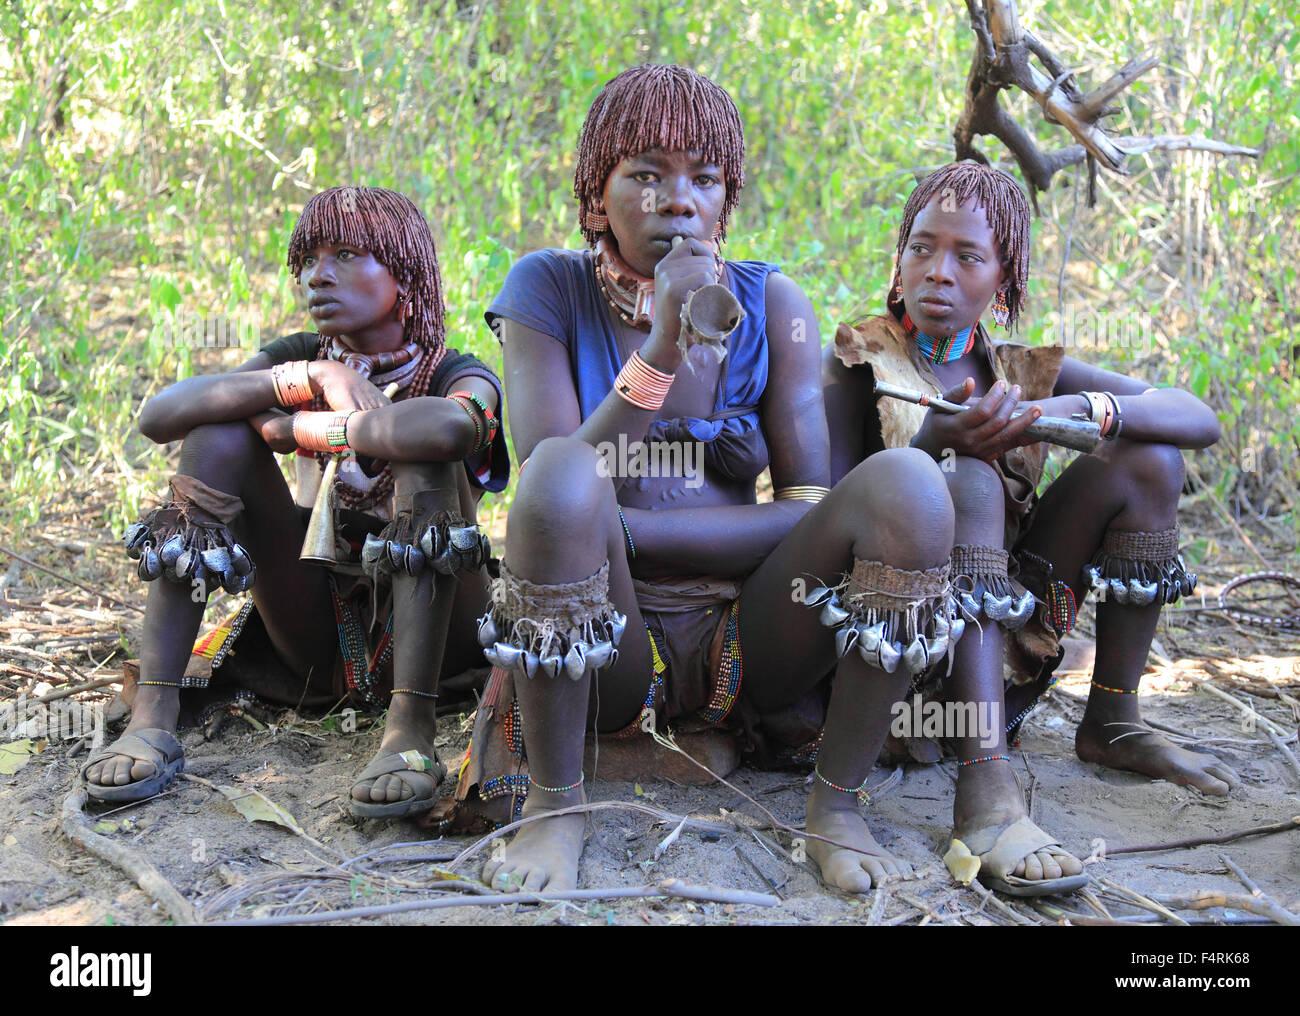 Regione dell'omo, la tribù dei hamar, Hamer, hamma, martello, amar o amer, donne in anticipo del rito di Immagini Stock